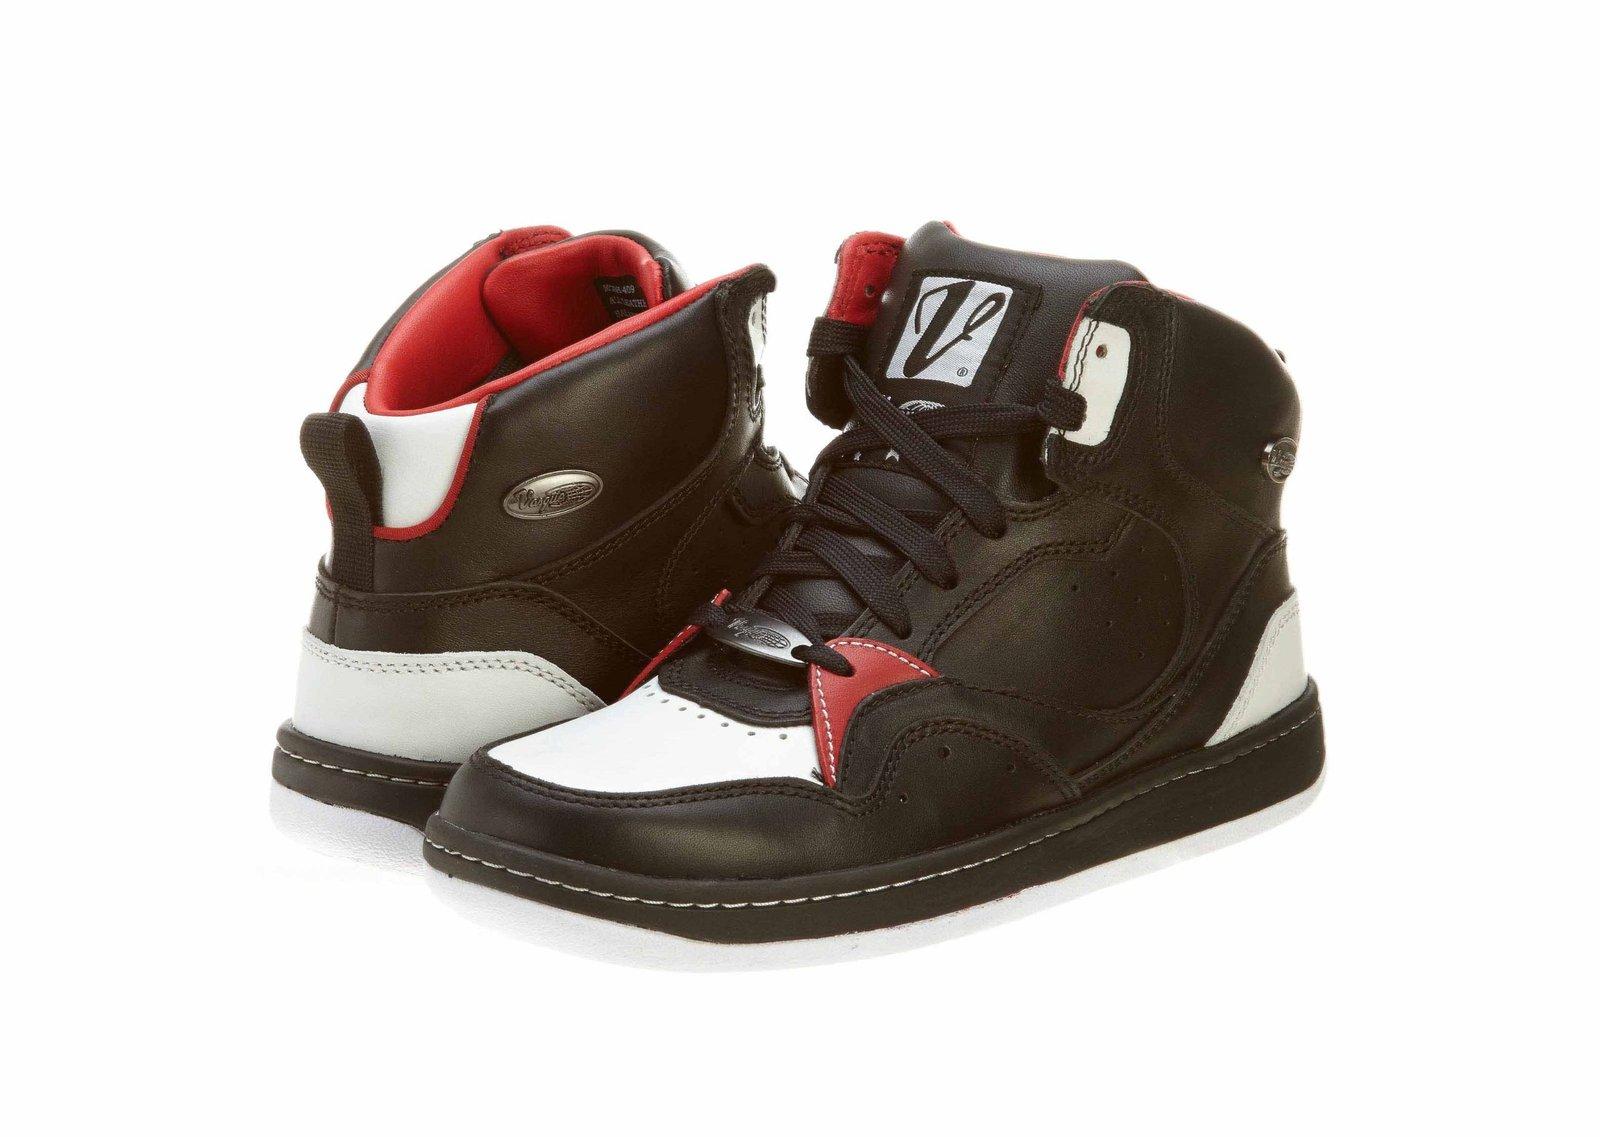 81pb6bqejnl. 81pb6bqejnl. Previous. Vasque Mens Classics Retro High Boots  ...